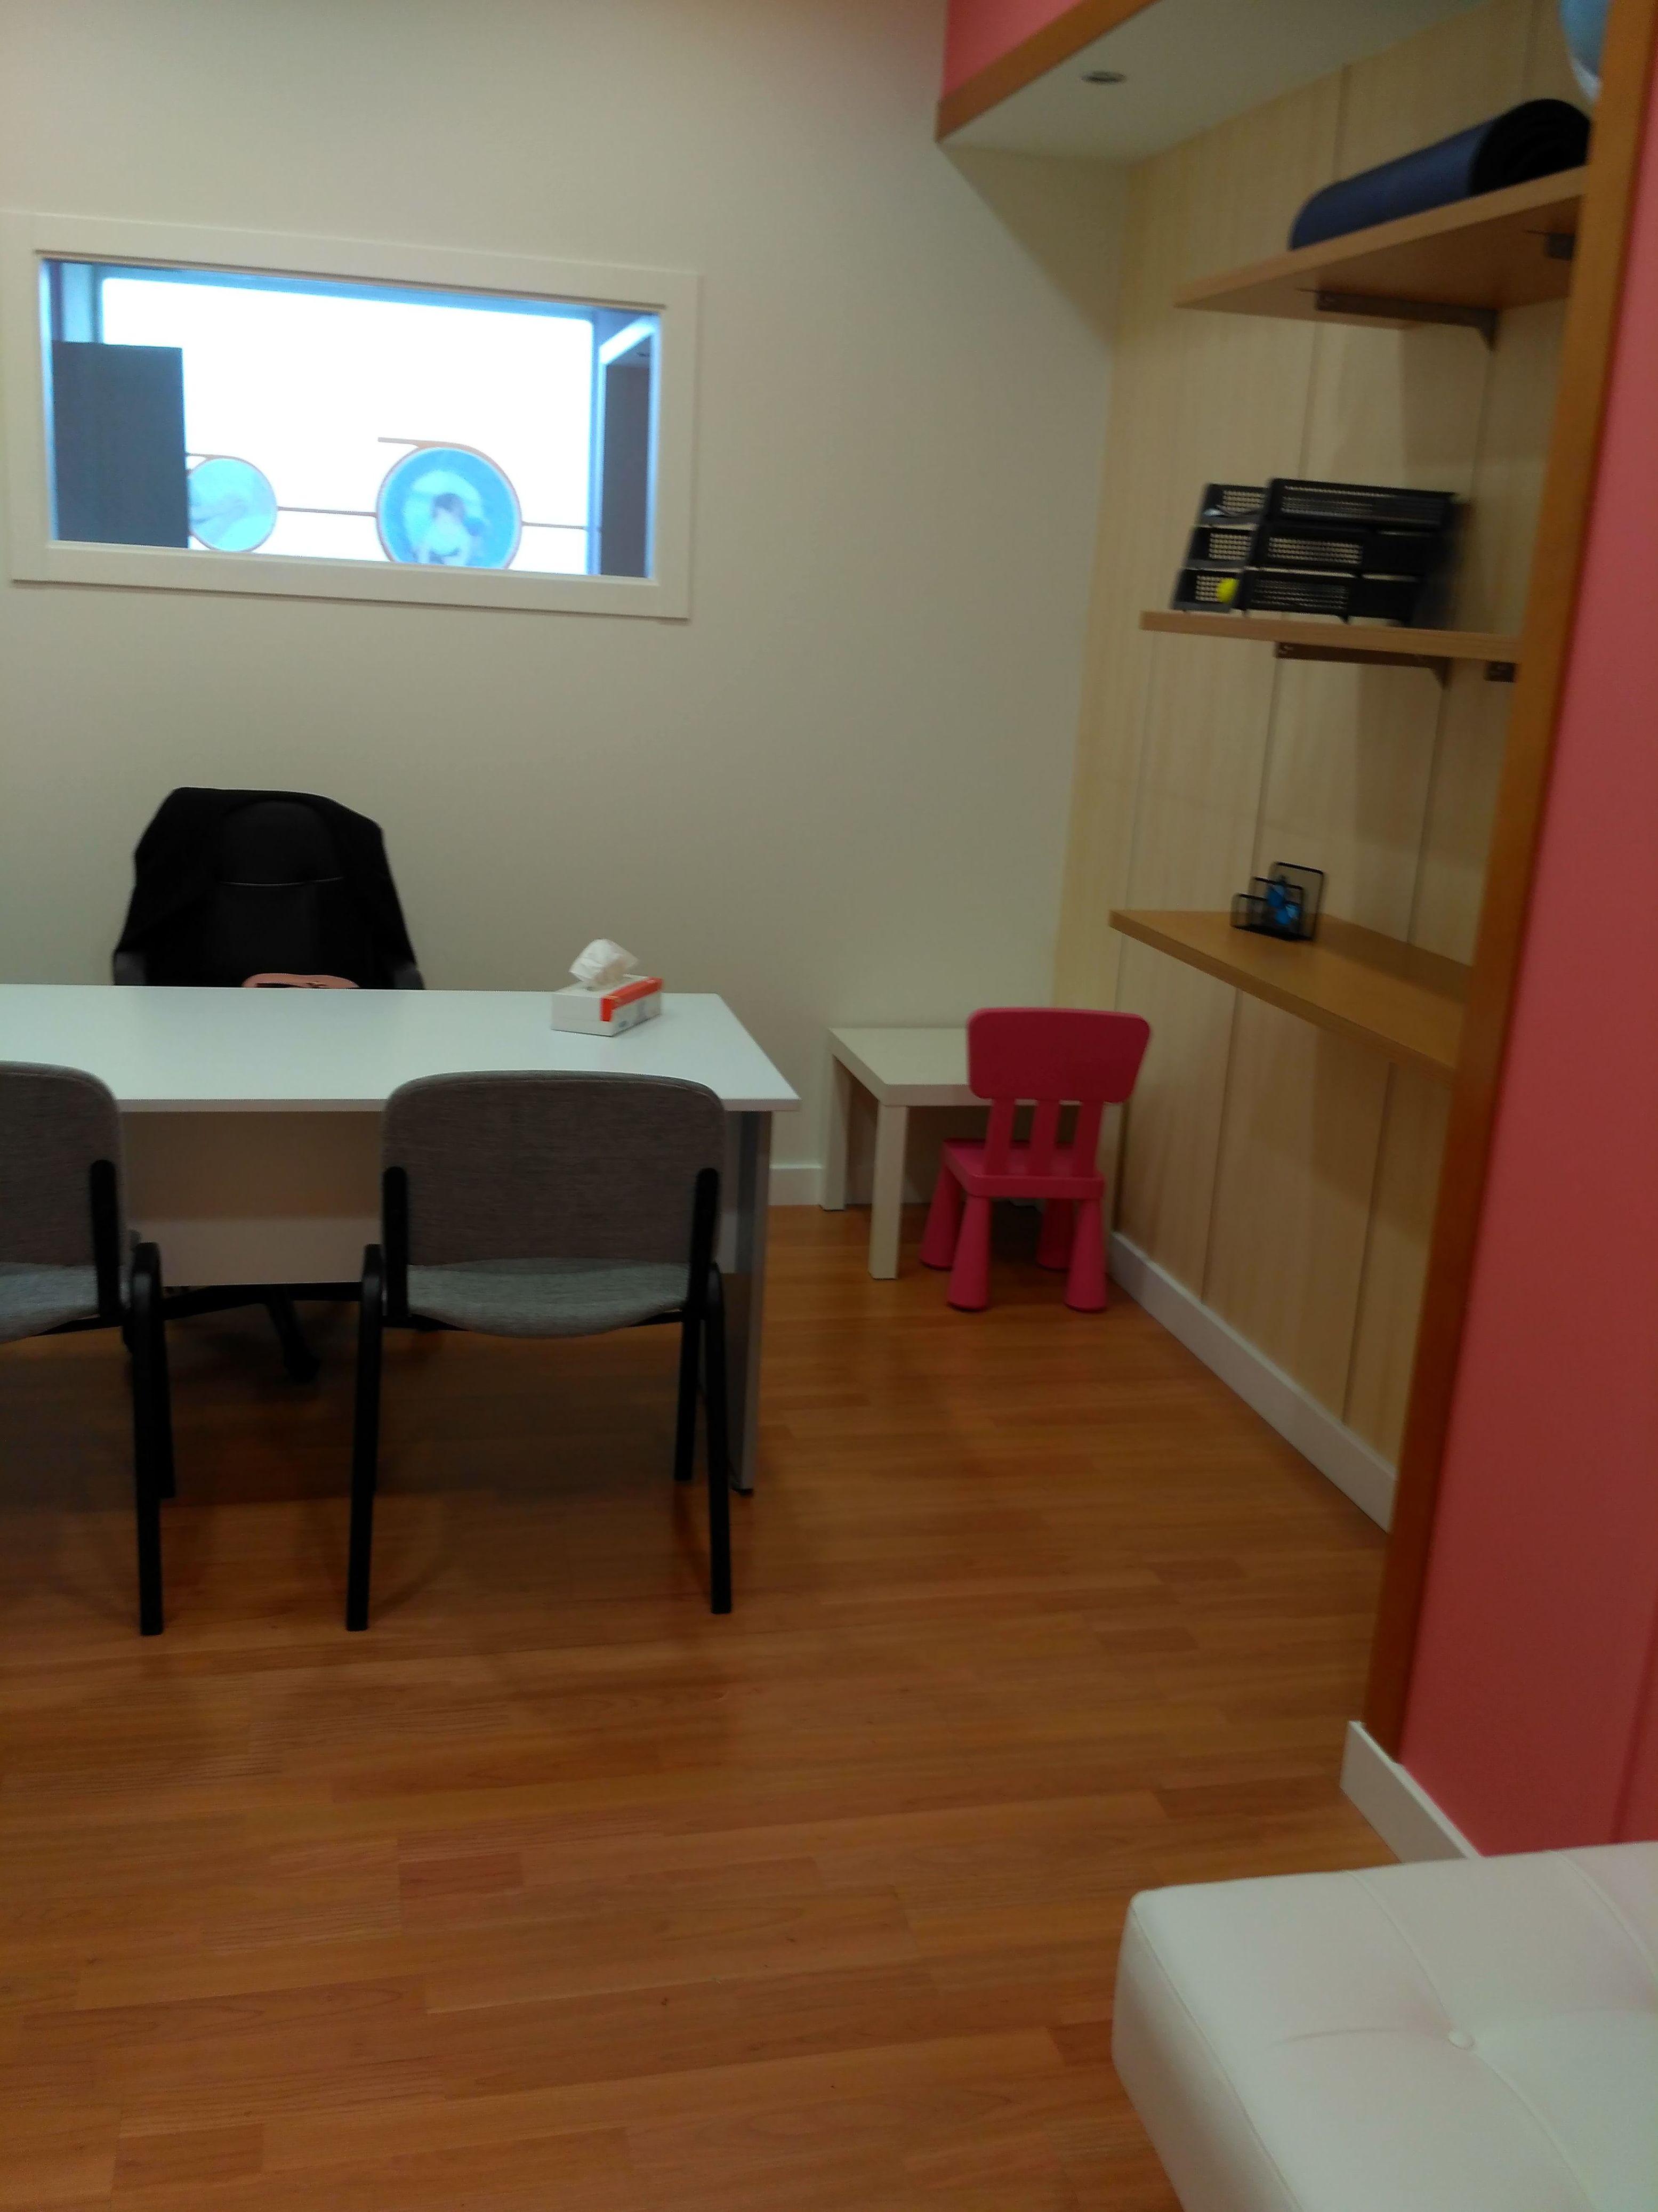 Foto 8 de Gabinete psicopedagógico en Narón | Alecrín Psicopedagogía y Logopedia S.L